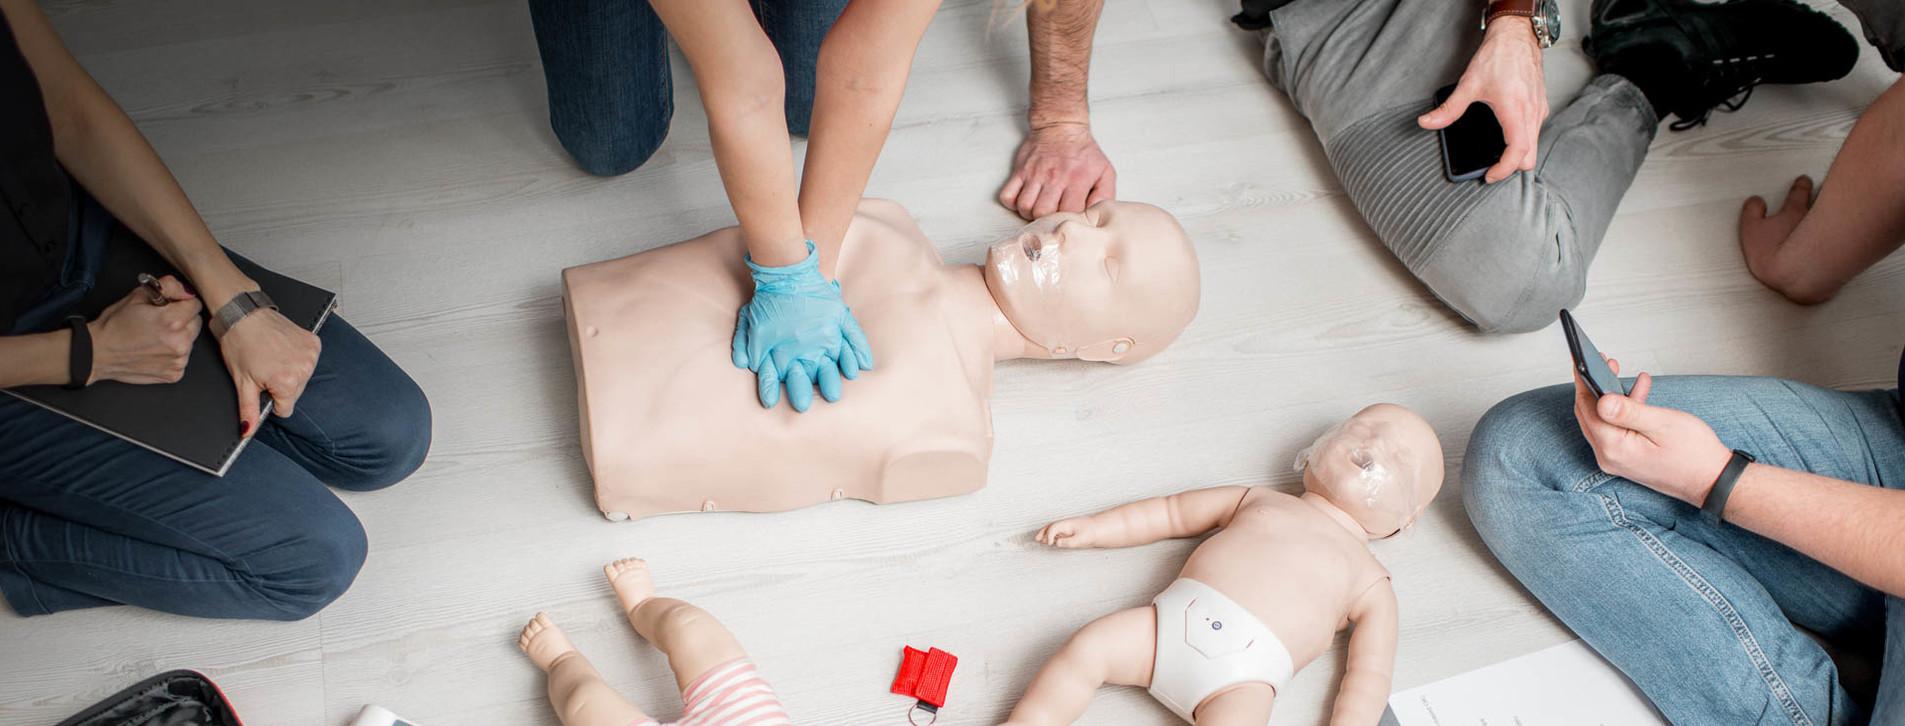 Фото 1 - Тренинг по оказанию первой помощи